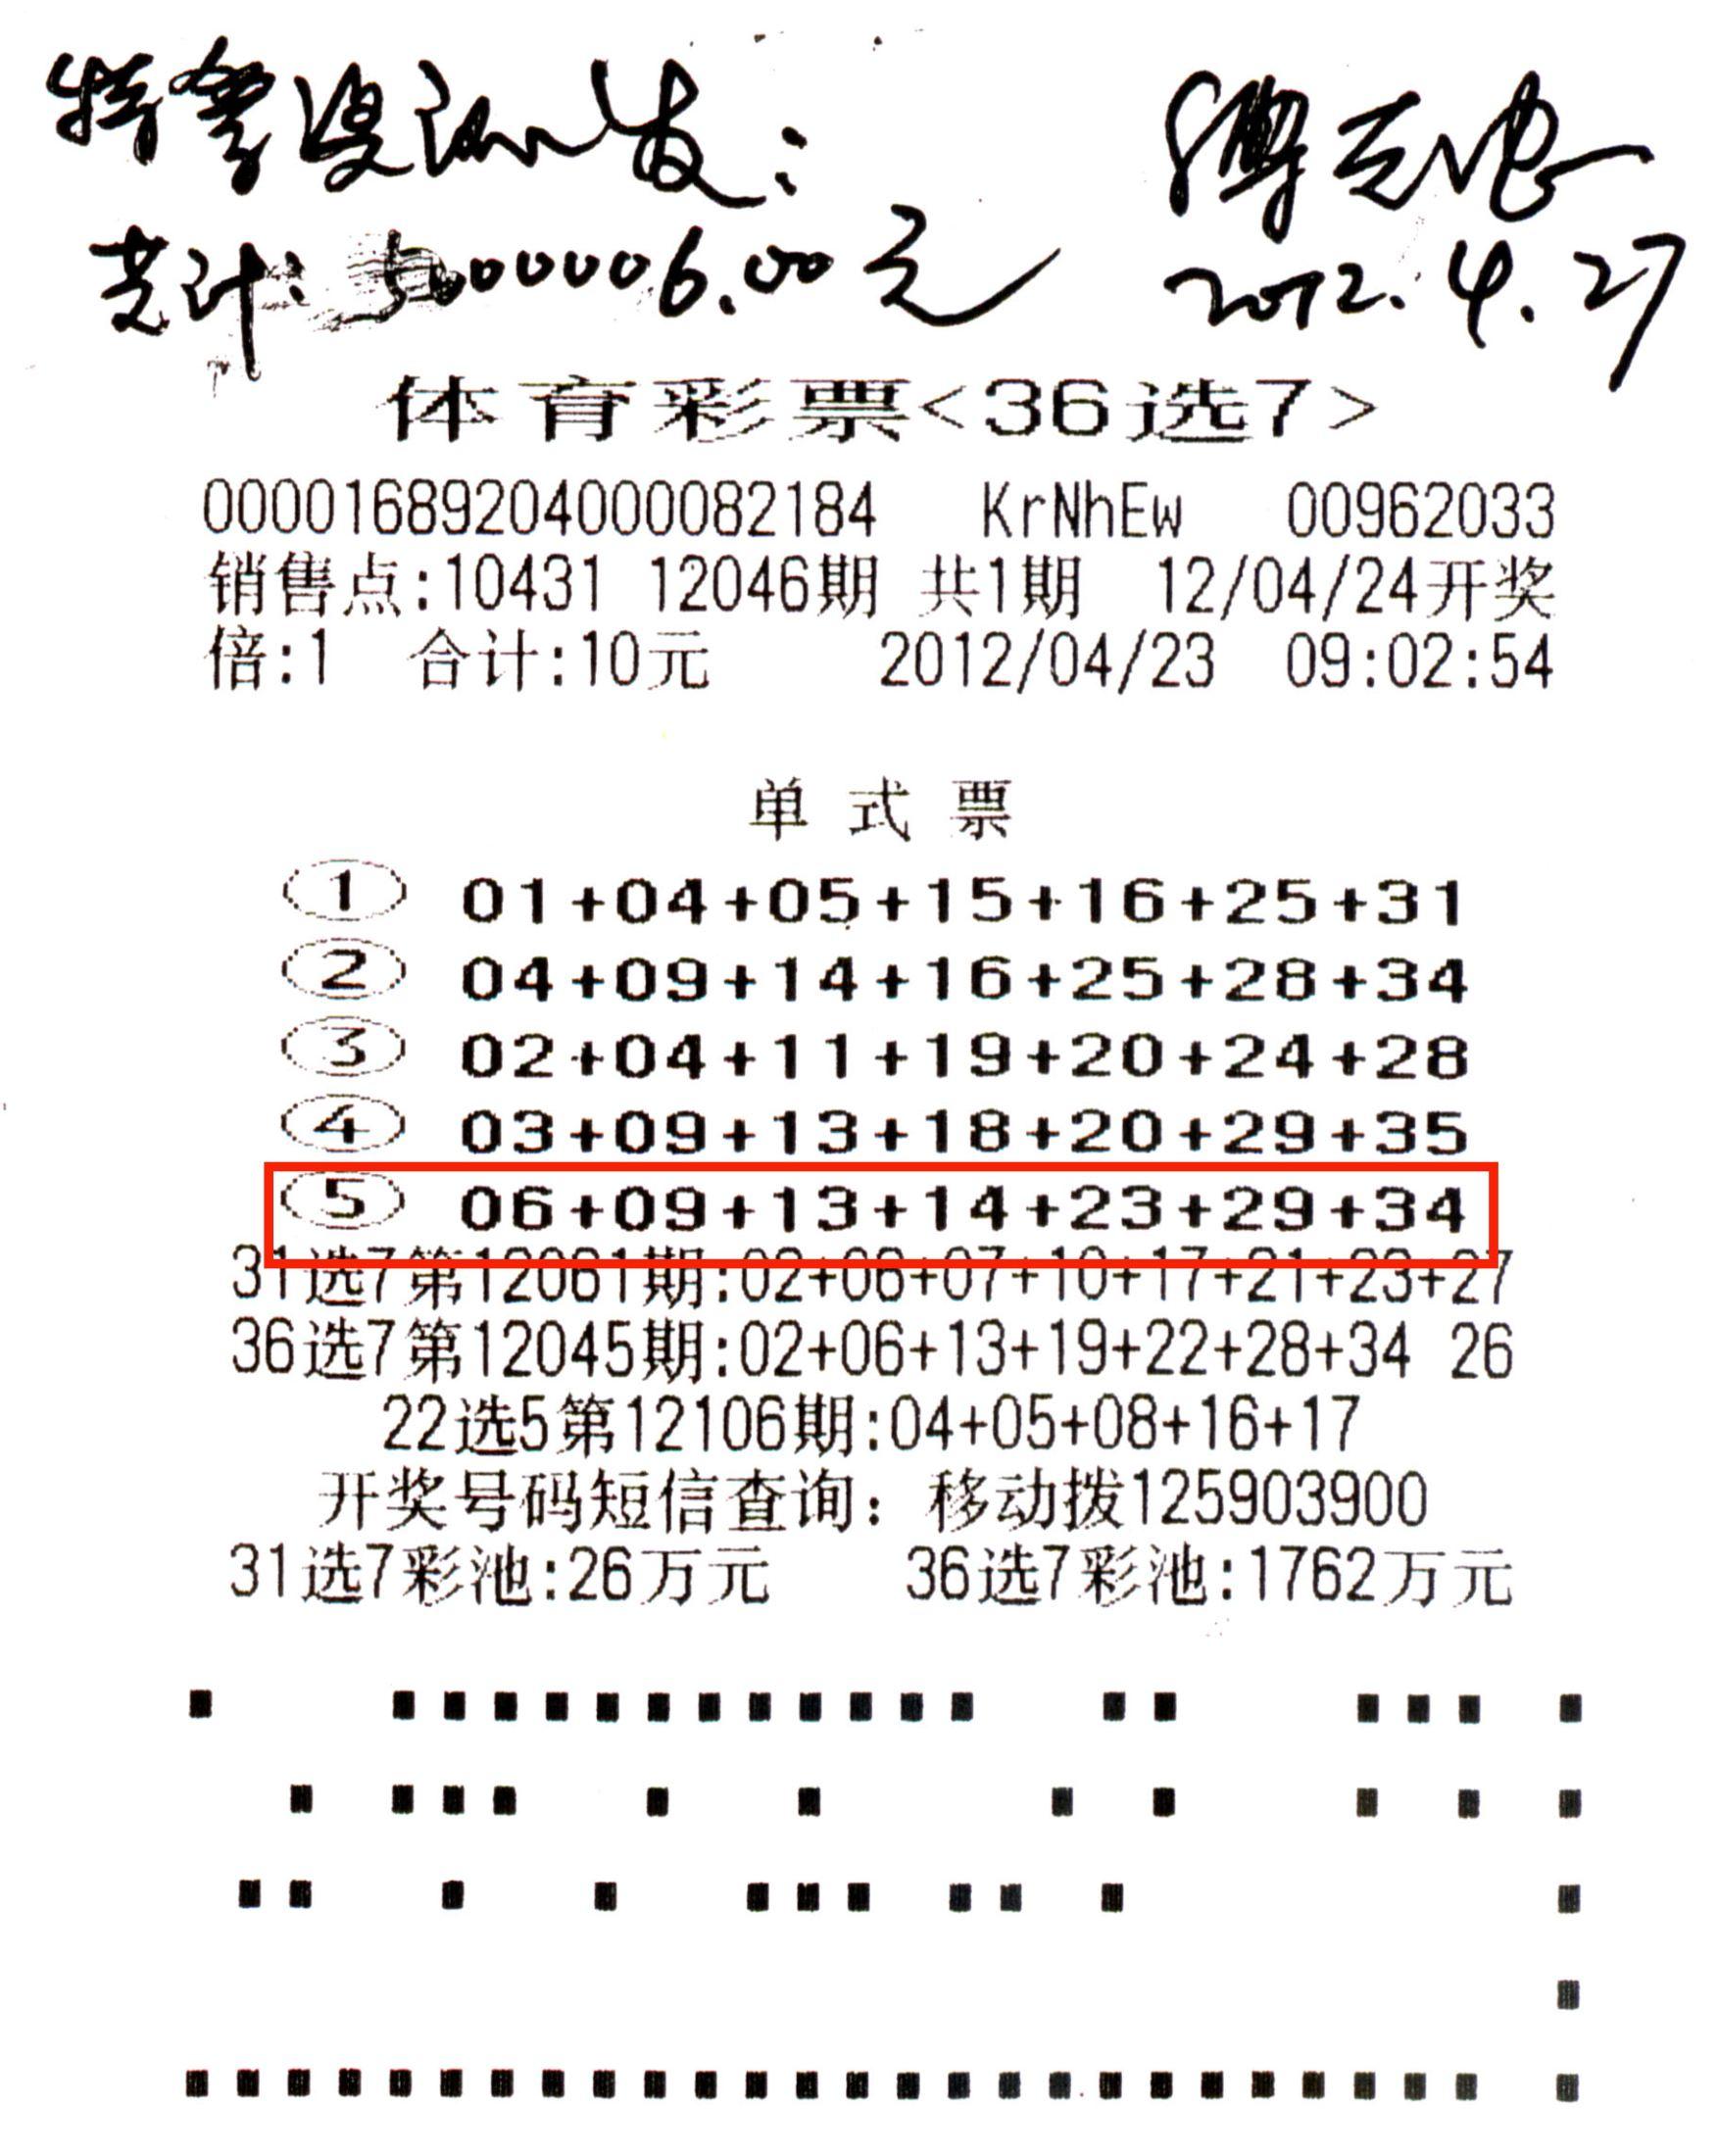 福建体彩网 官方网站